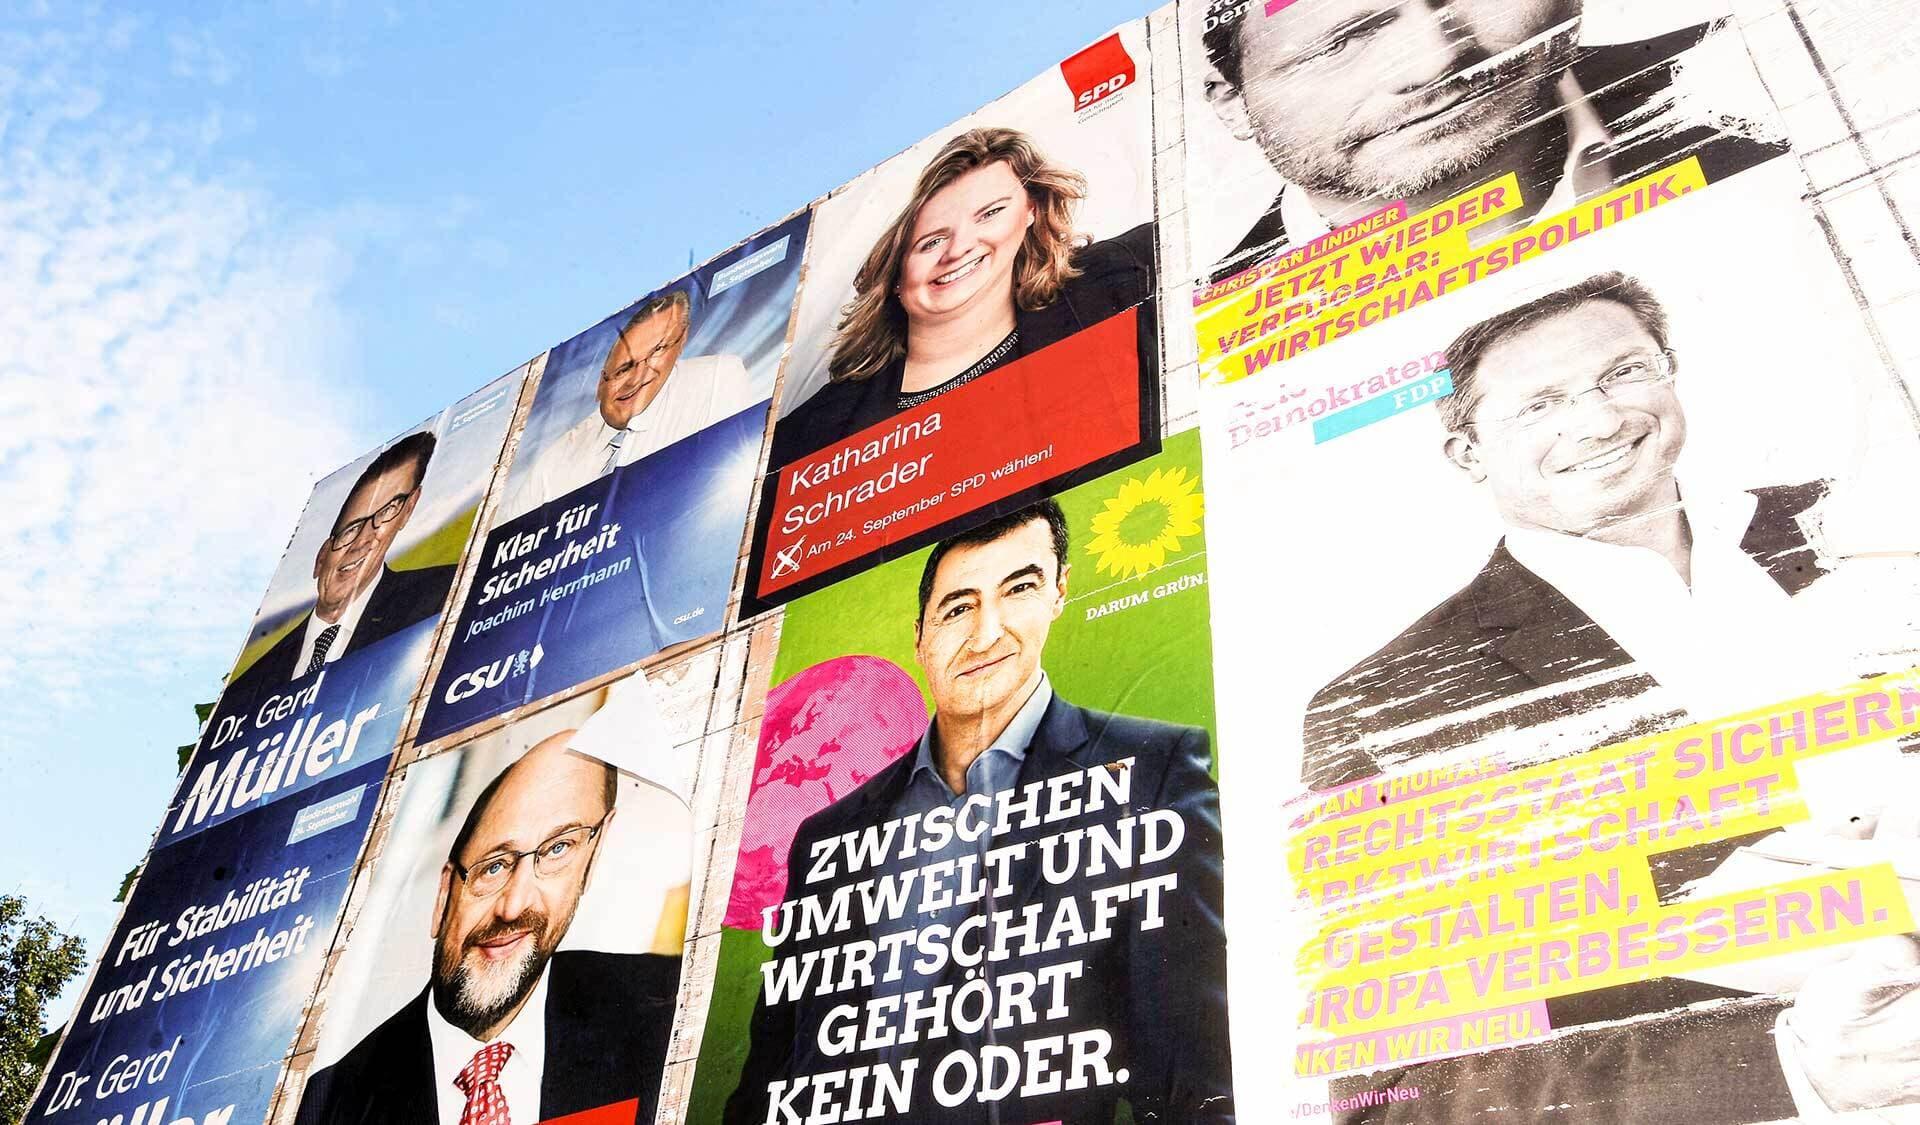 Eine Wand mit Wahlplakaten